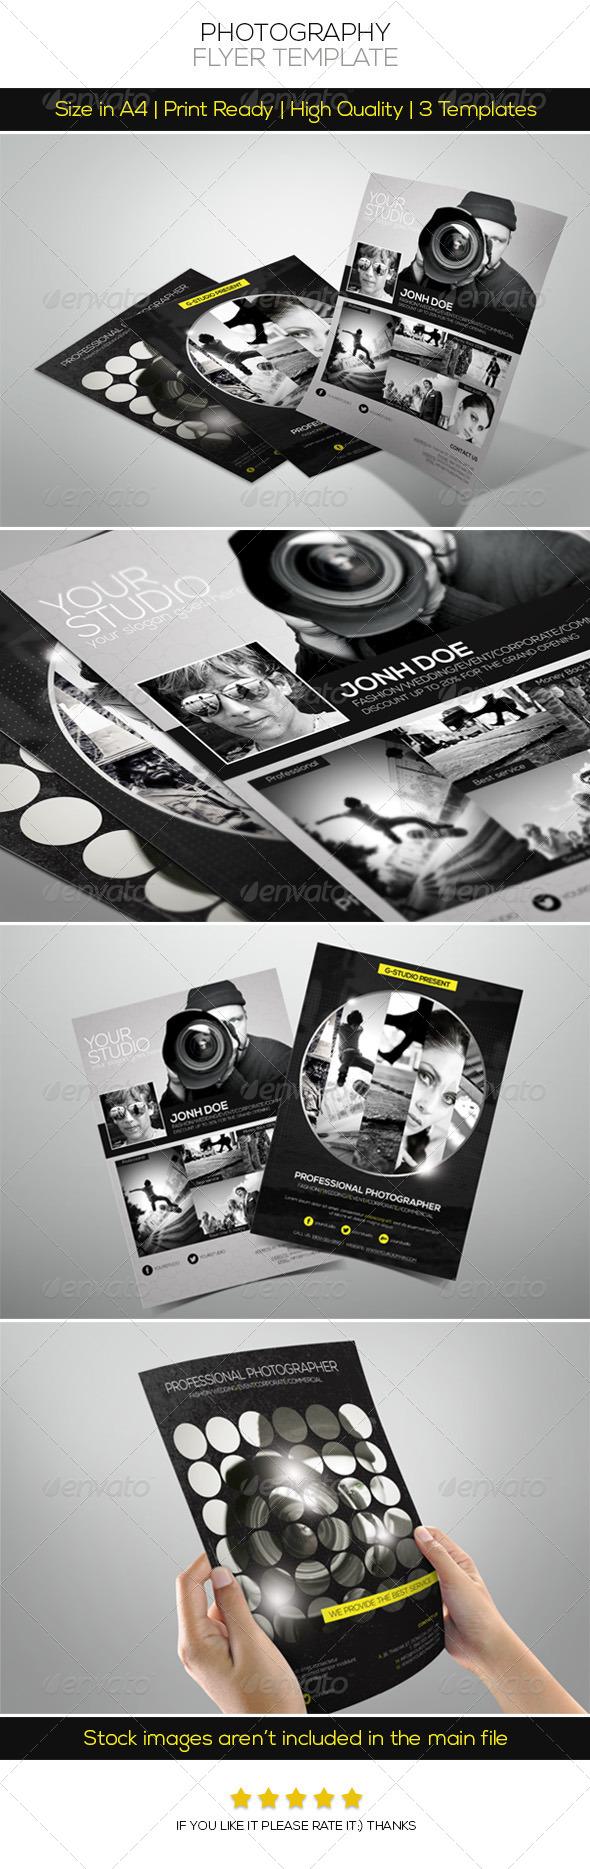 Premium Photography Flyer